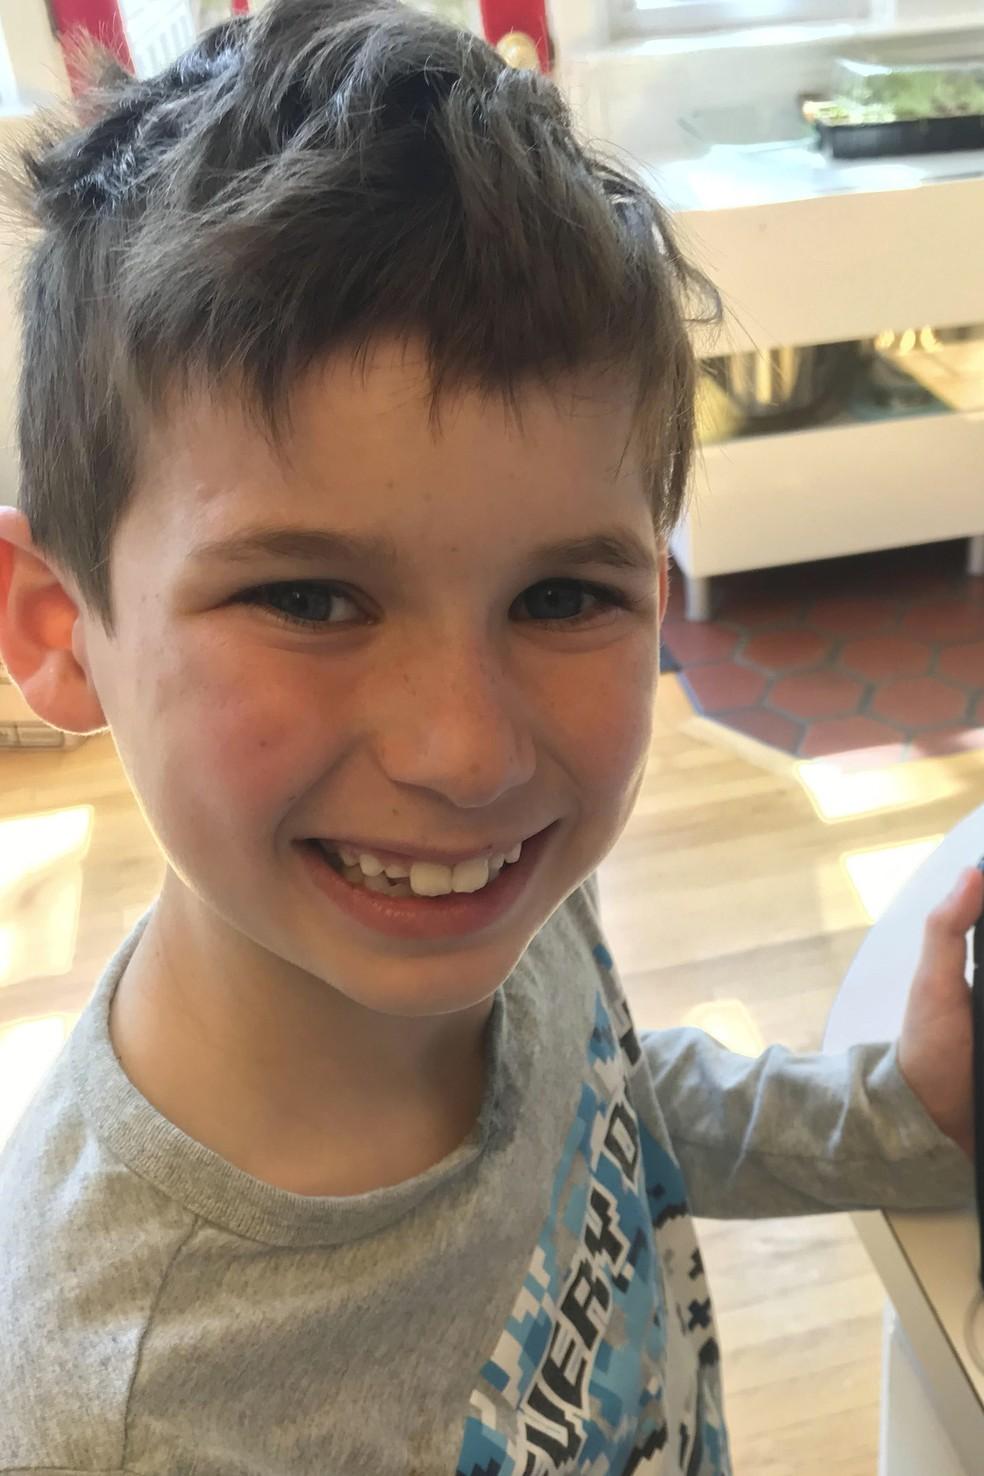 Gideon Joseph Kennedy McKean em imagem publicada em rede social pela mãe, Maeve — Foto: Twitter / via AP Photo